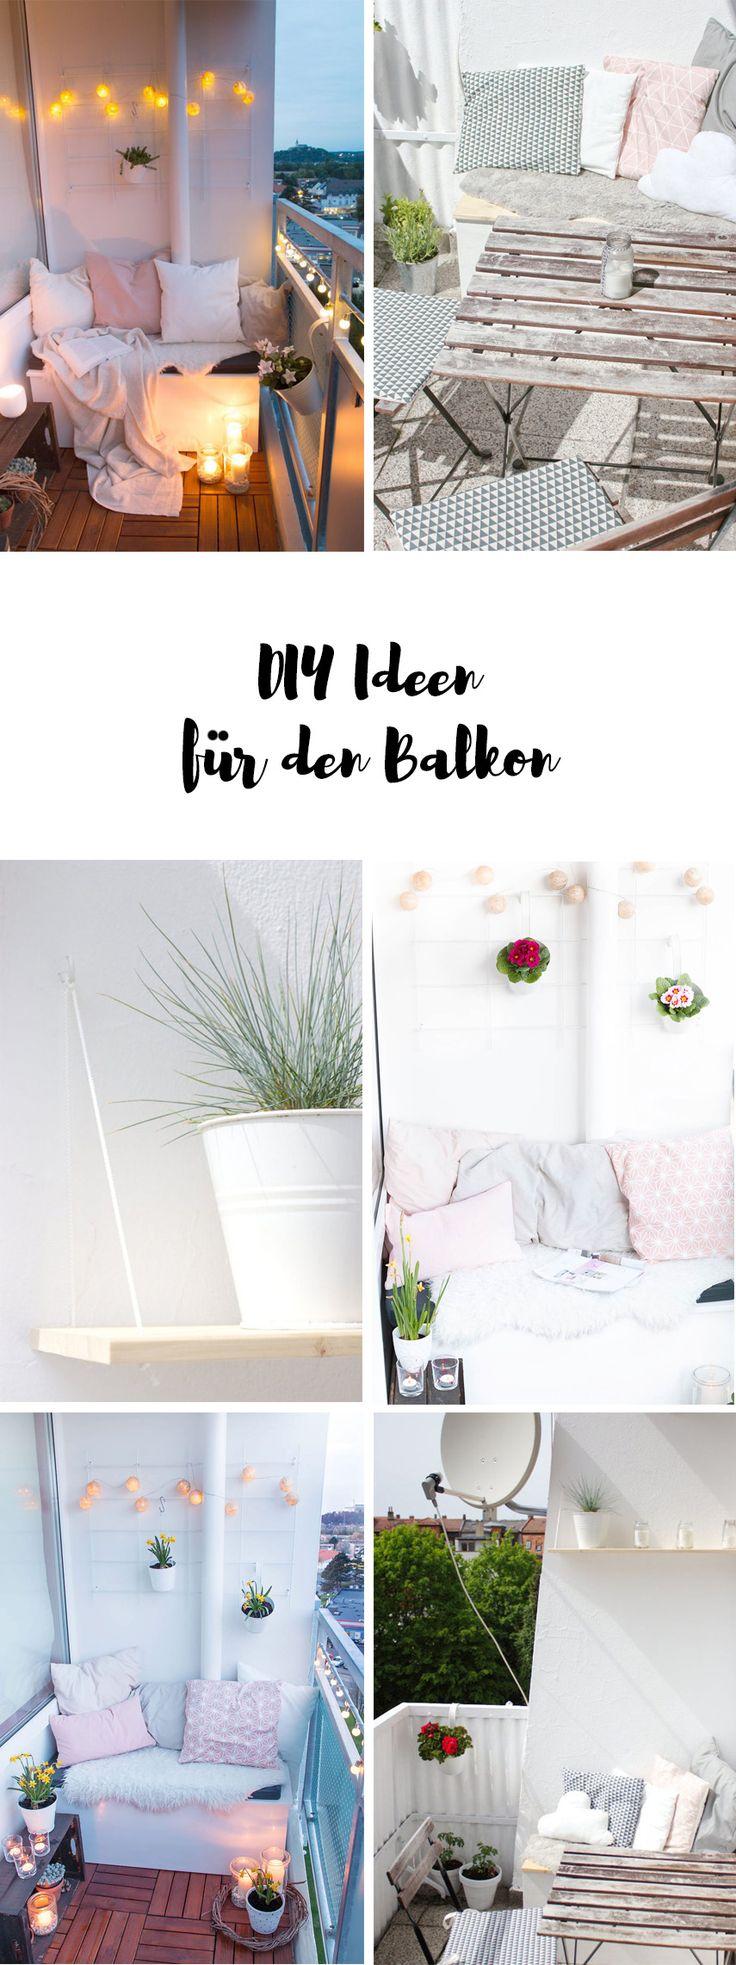 DIY Ideen Für Den Balkon   Dekoration, Möbel Und Pflanzen